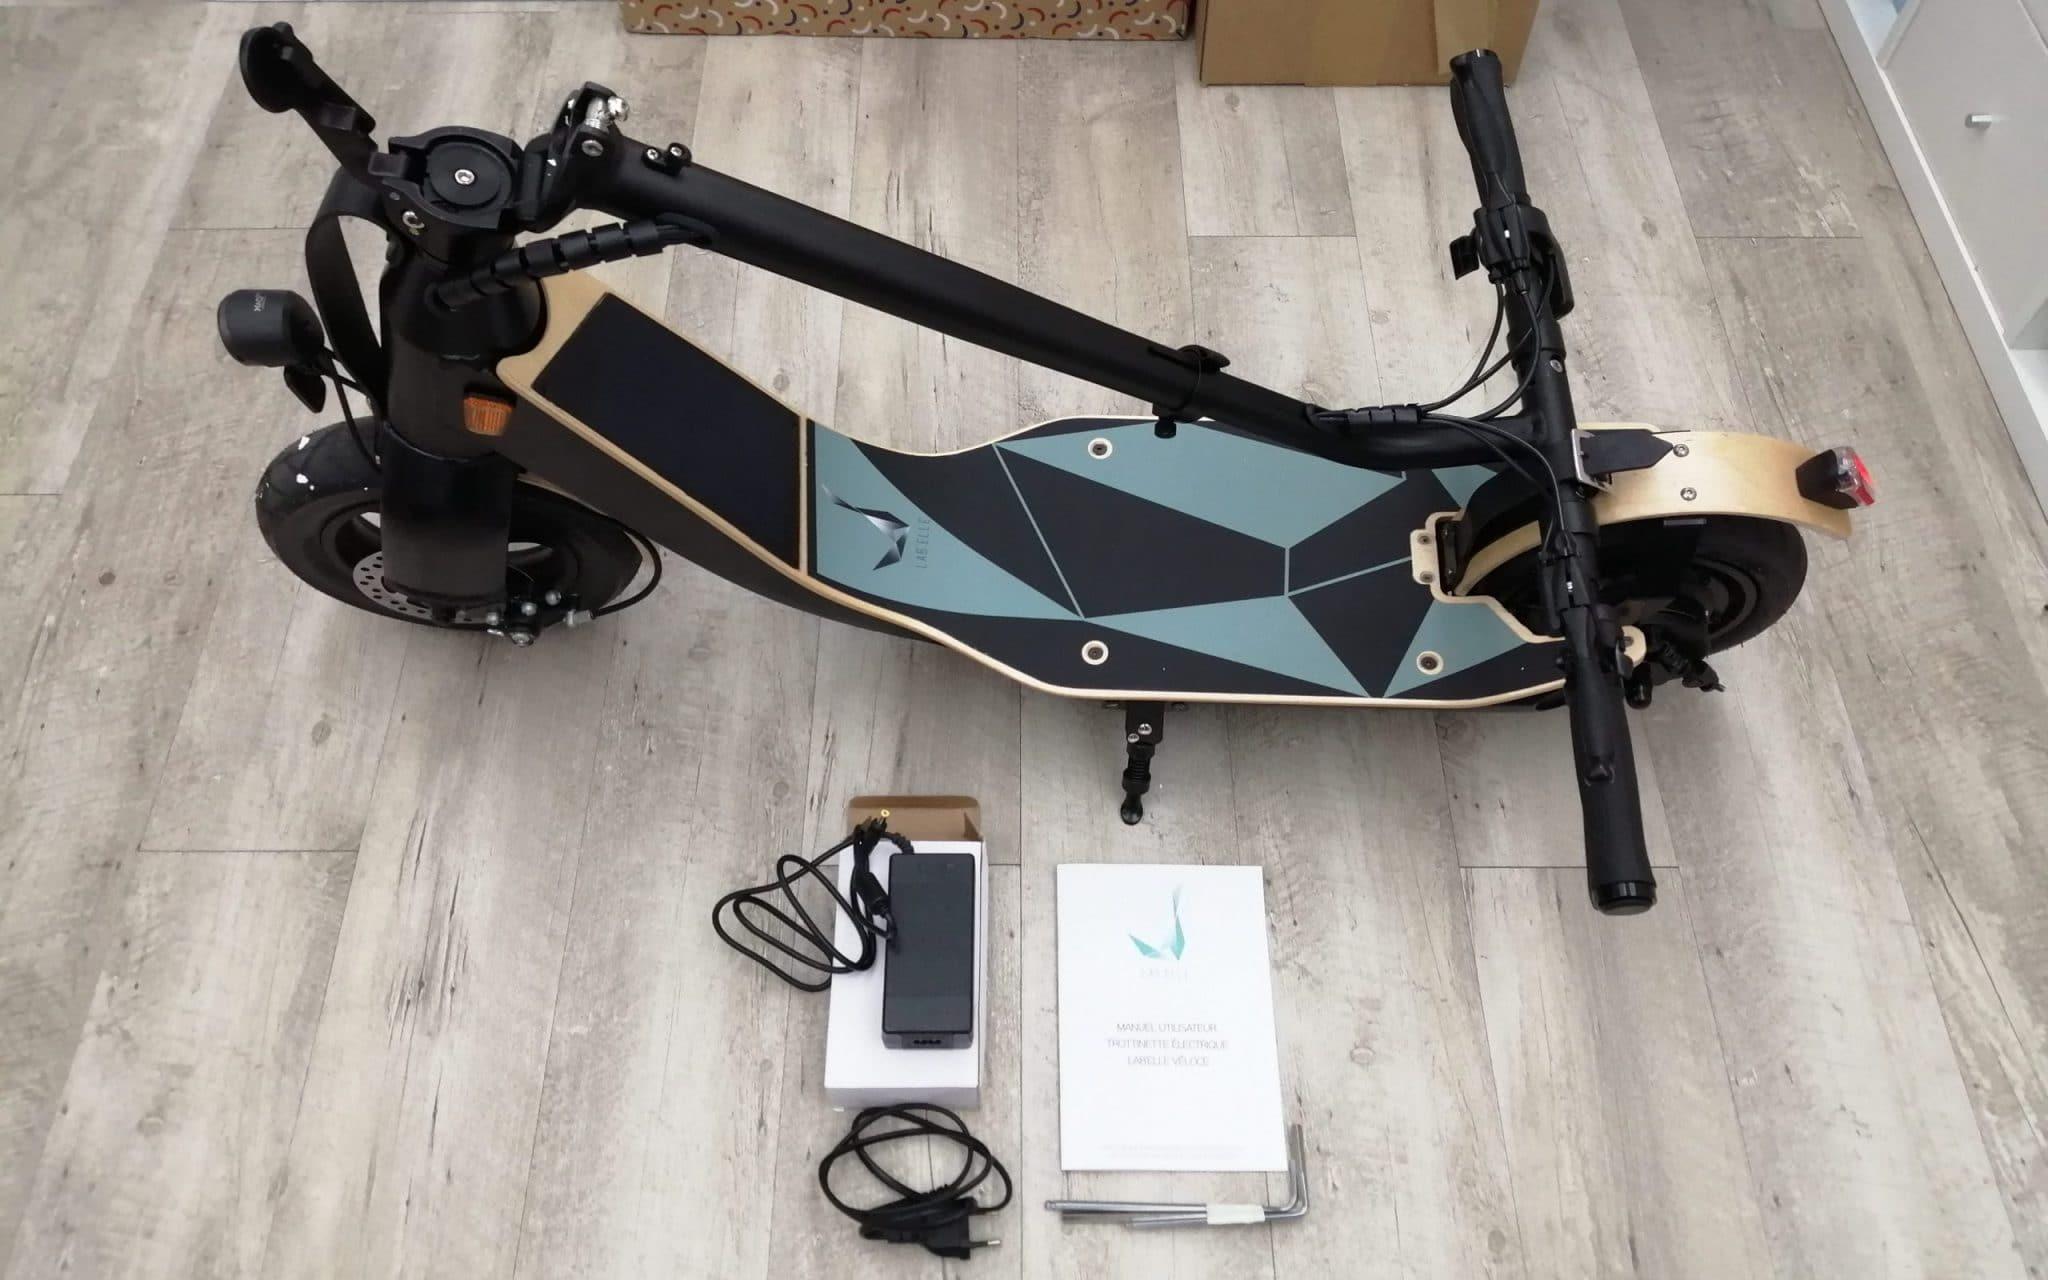 unboxing trottinette électrique lab'elle véloce